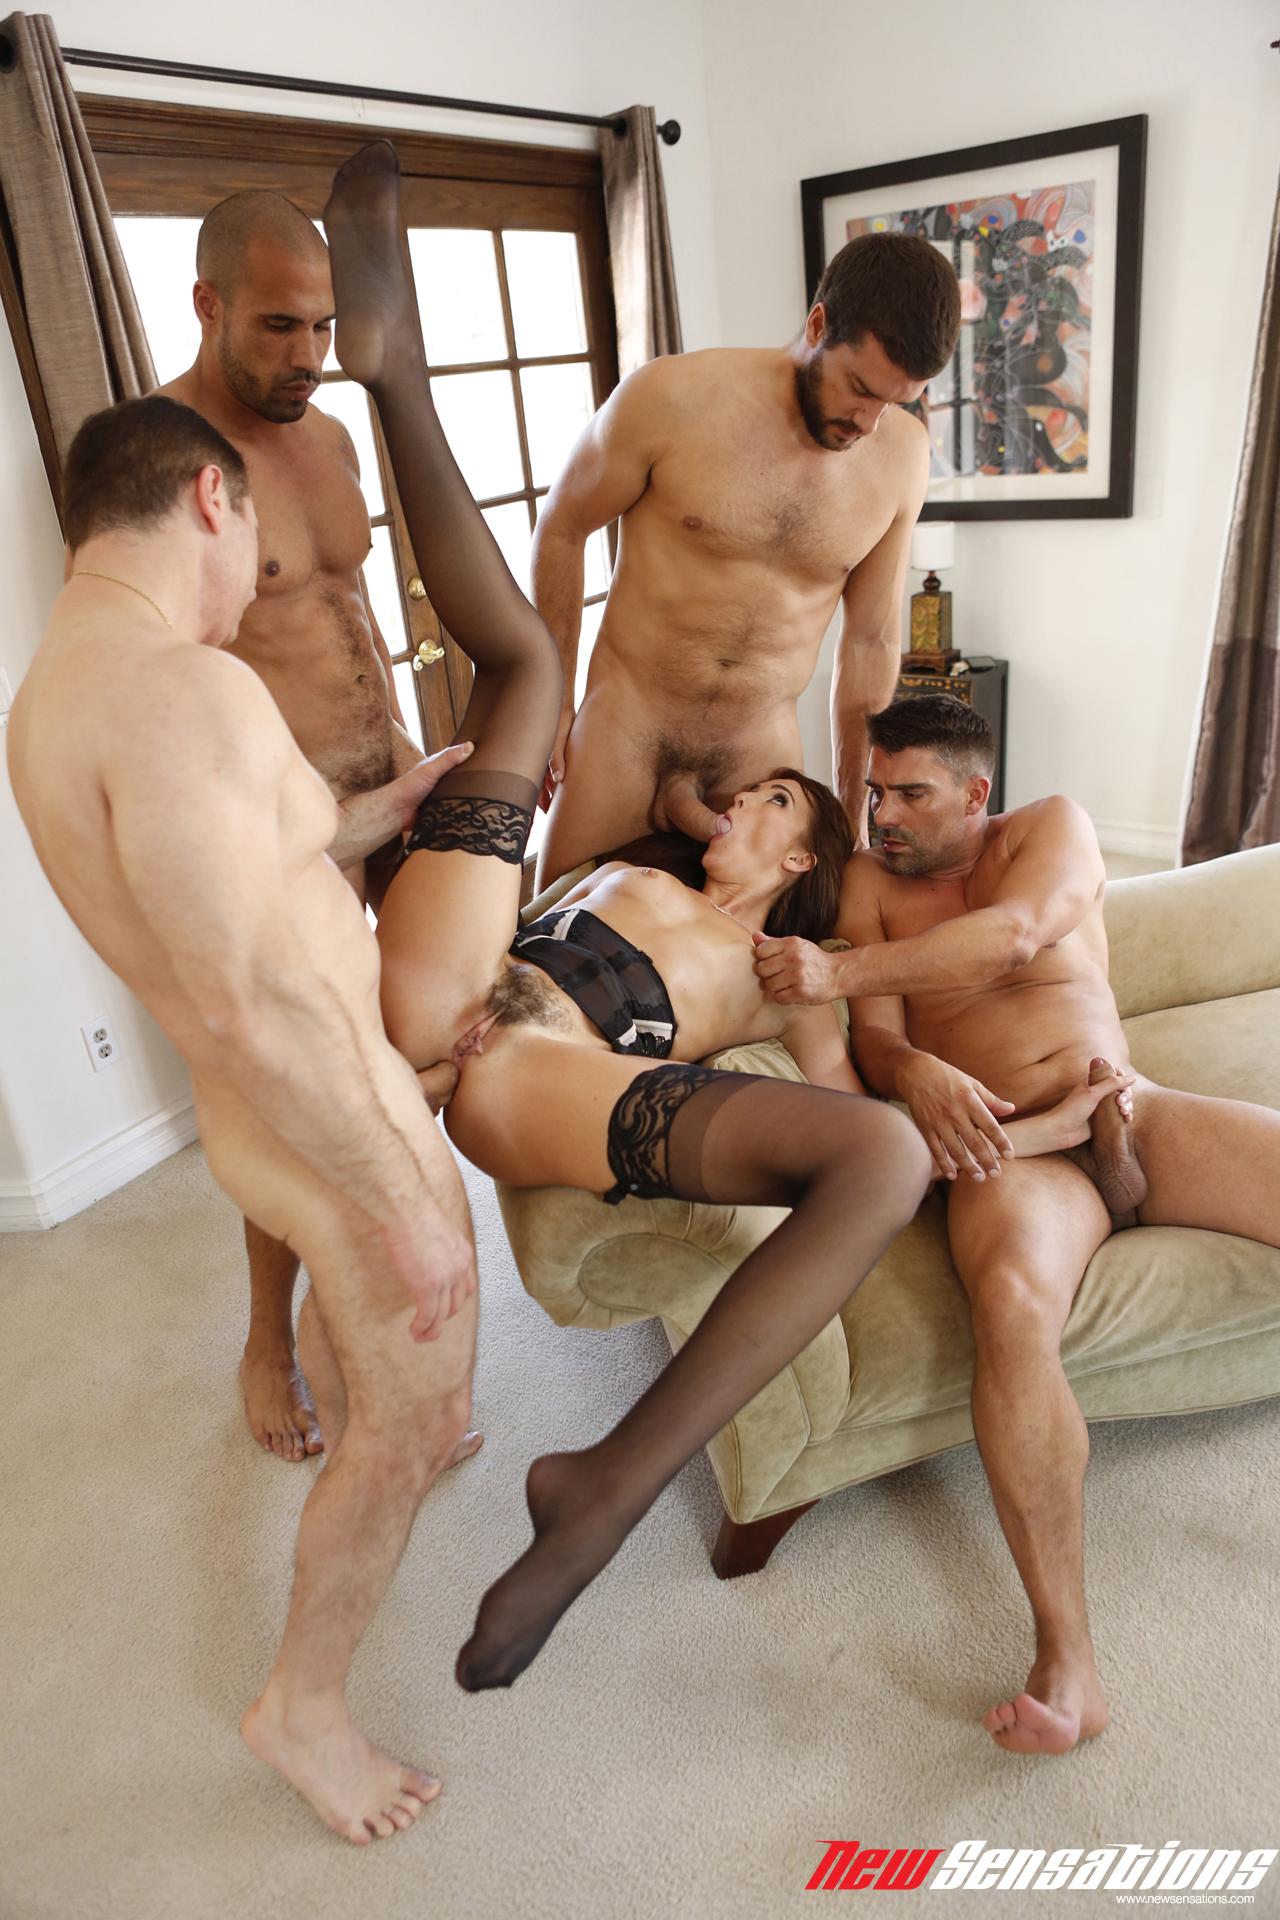 racconti erotici gay Firenze